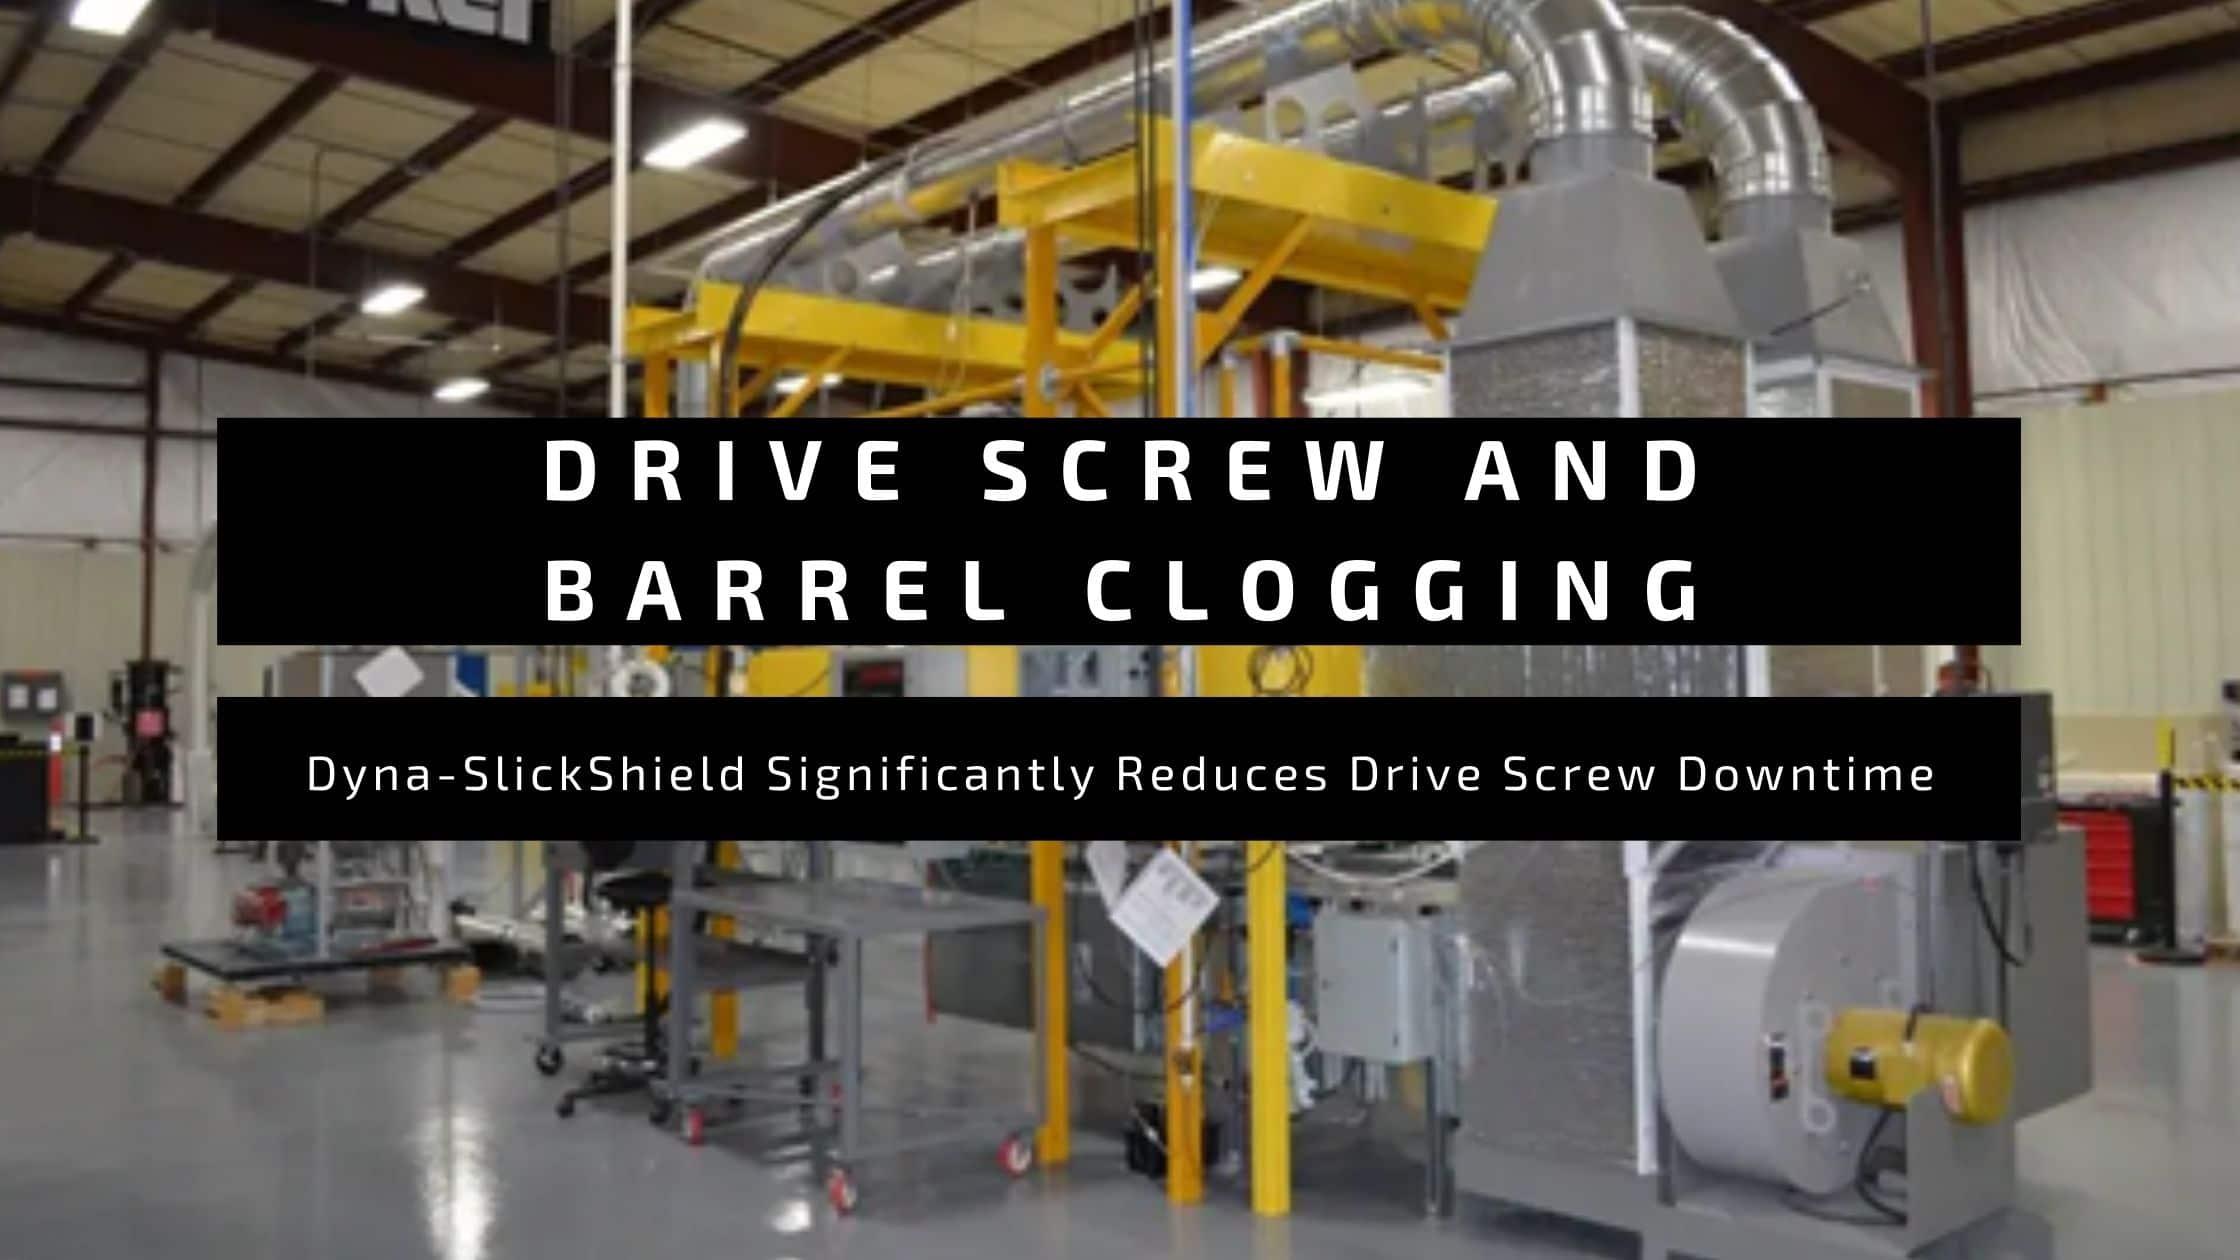 Drive Screw and Barrel Clogging